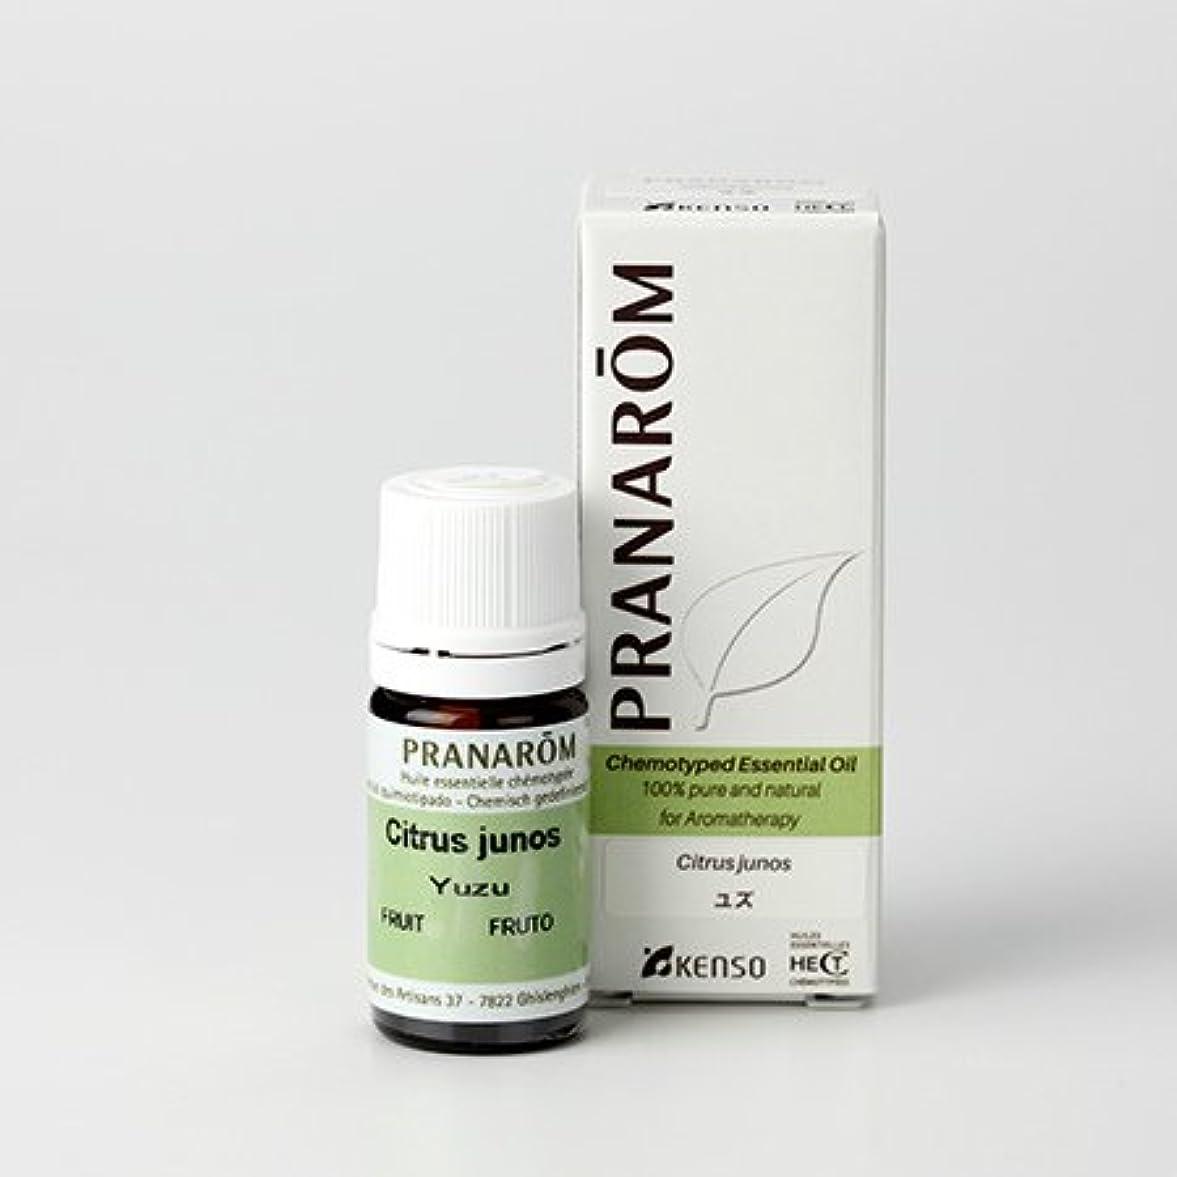 ログ破産累積プラナロム ユズ 5ml (PRANAROM ケモタイプ精油)